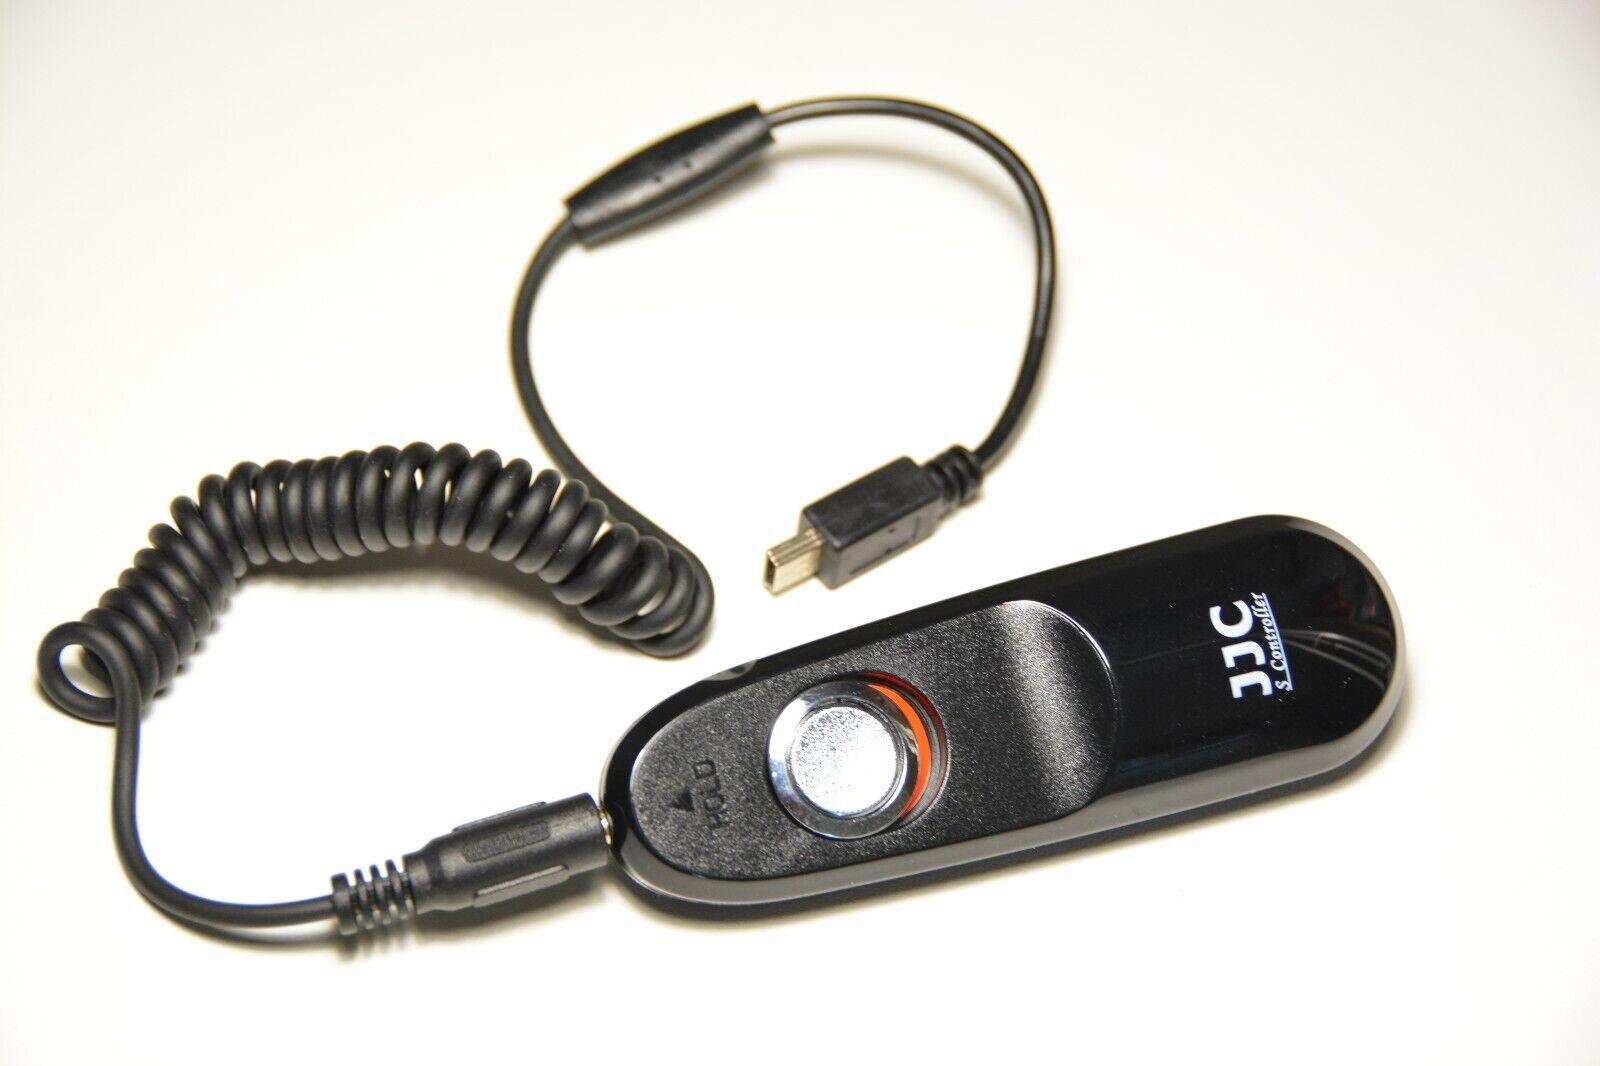 Remote Shutter Release switch for Fuji Fujifilm RR-80 X-E1 S100FS S9600 HS35EXR